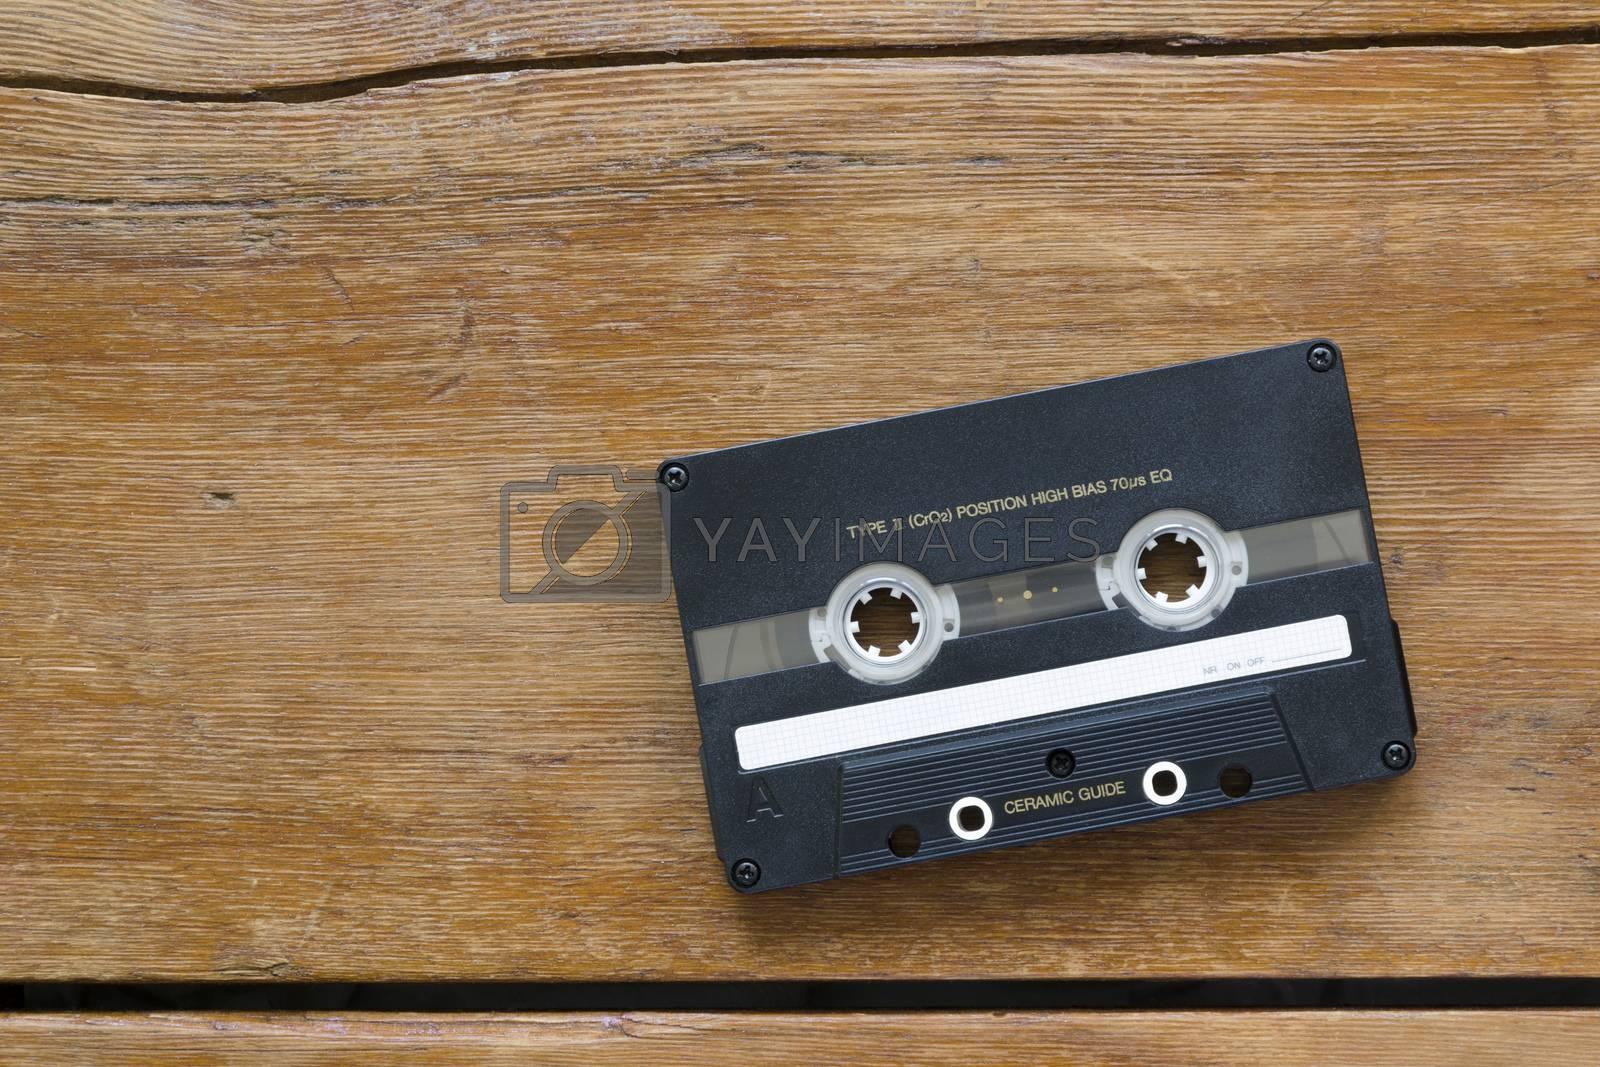 vintage hi-end audio cassette on cracked wooden table